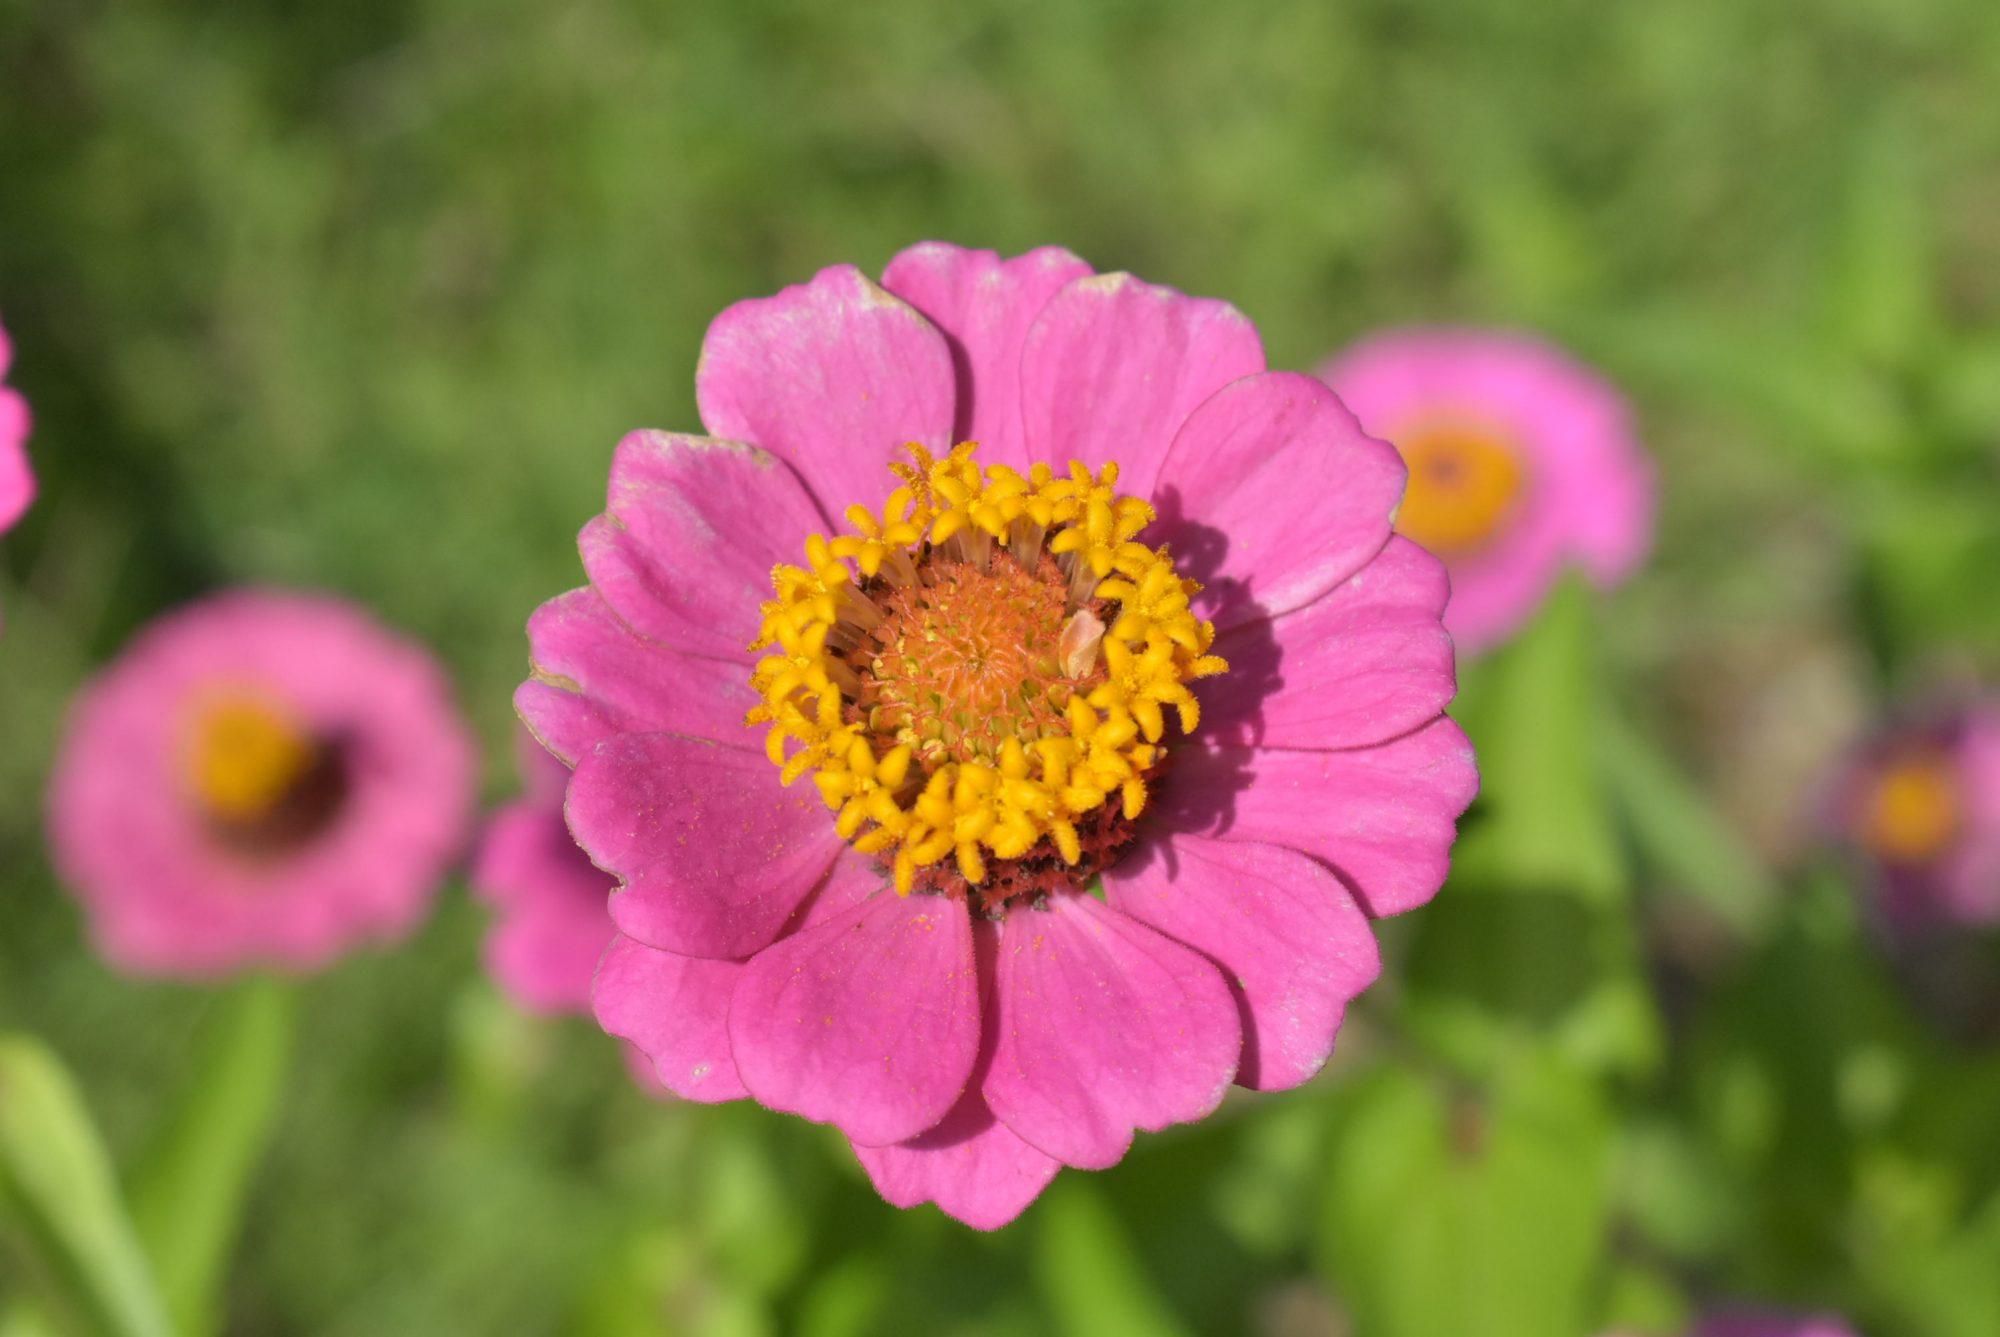 Pink Flowers Lenspiration